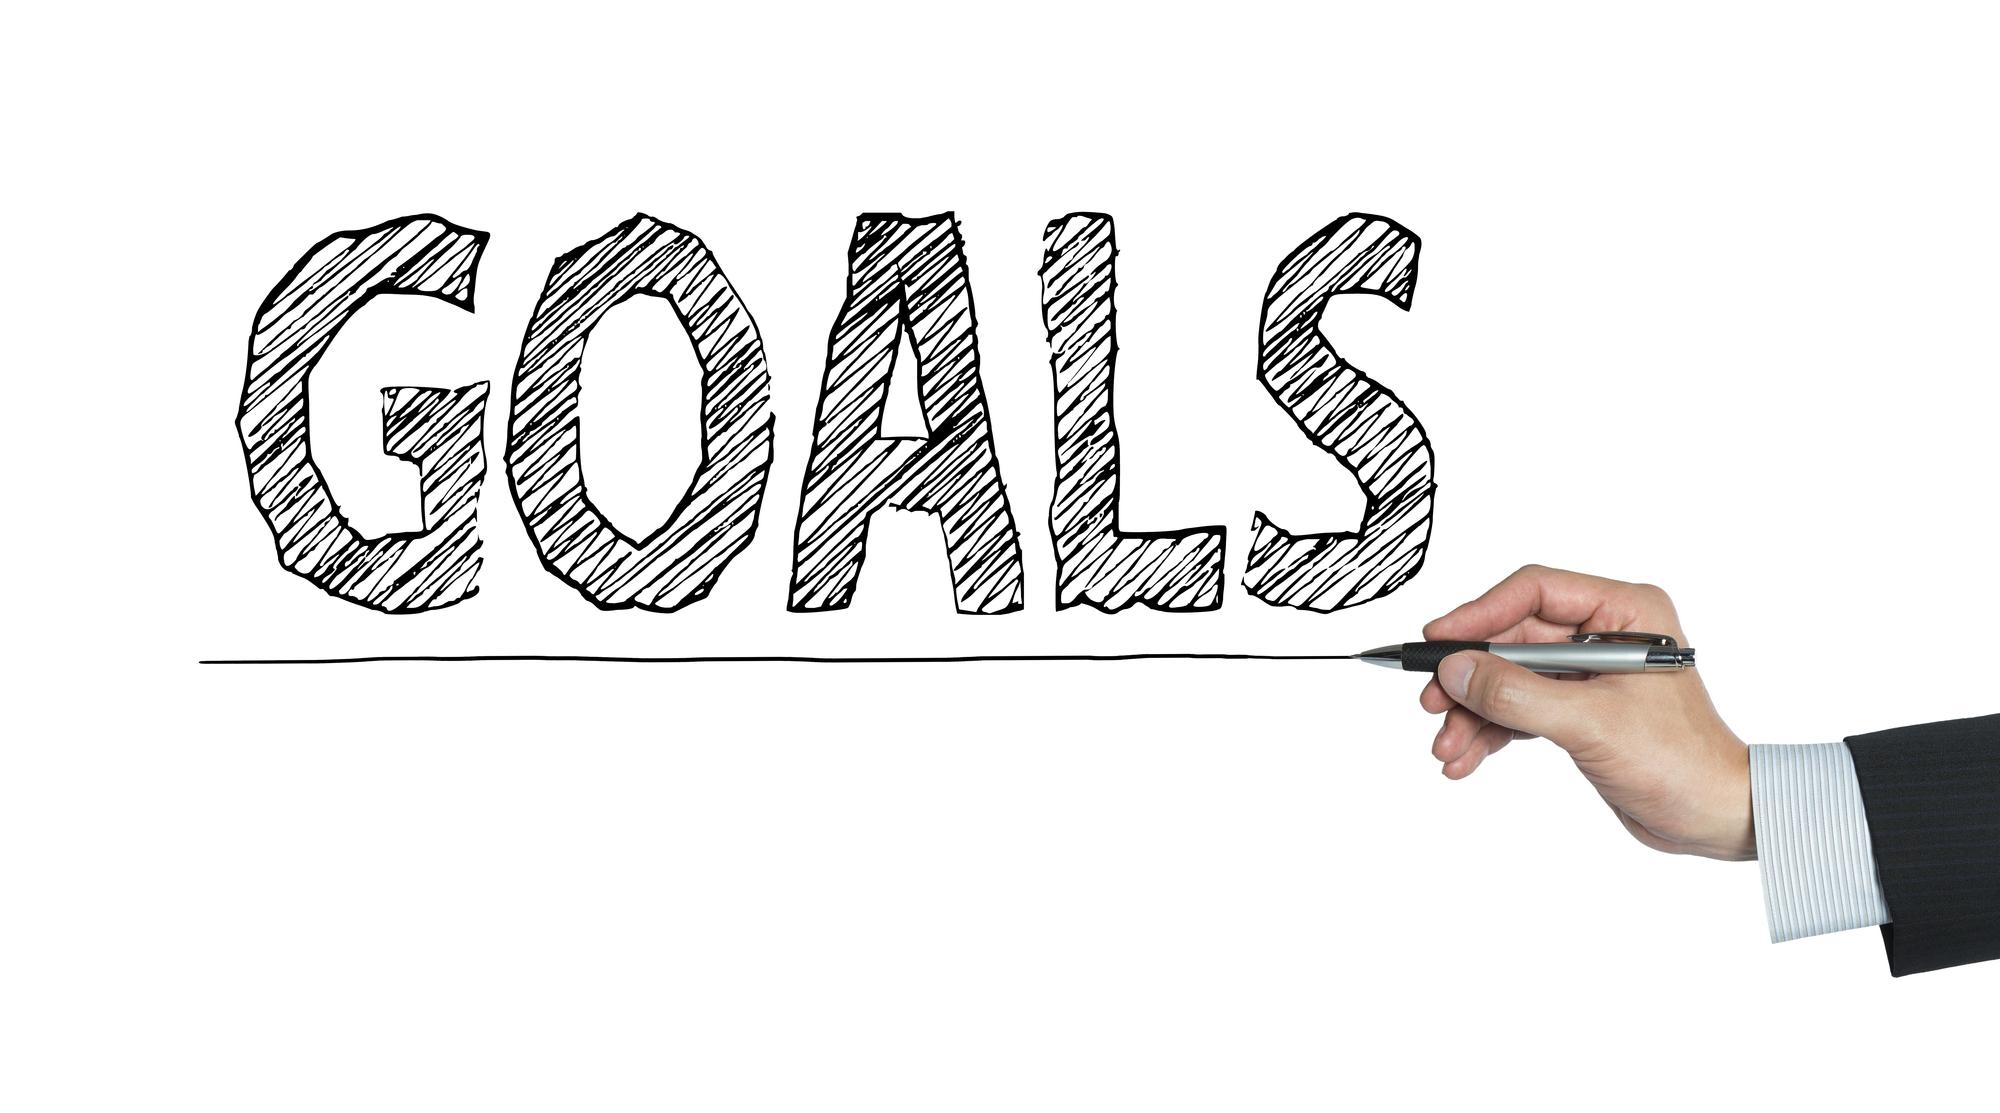 夢への明確な目標こそが行動の質を上げる